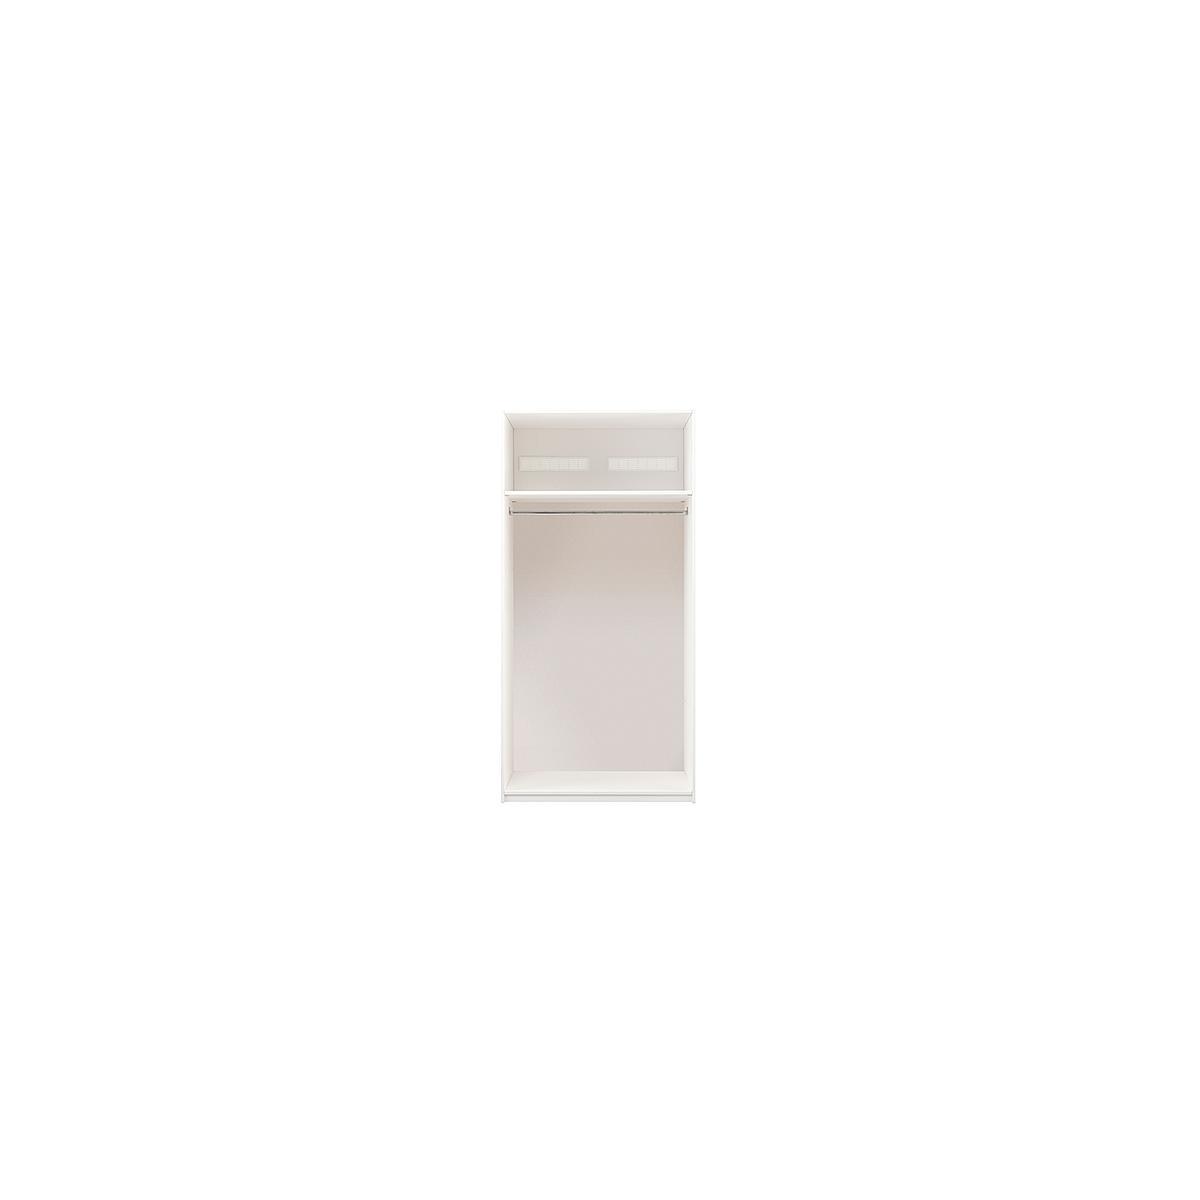 Armoire 100cm Lifetime blanc (sans portes)